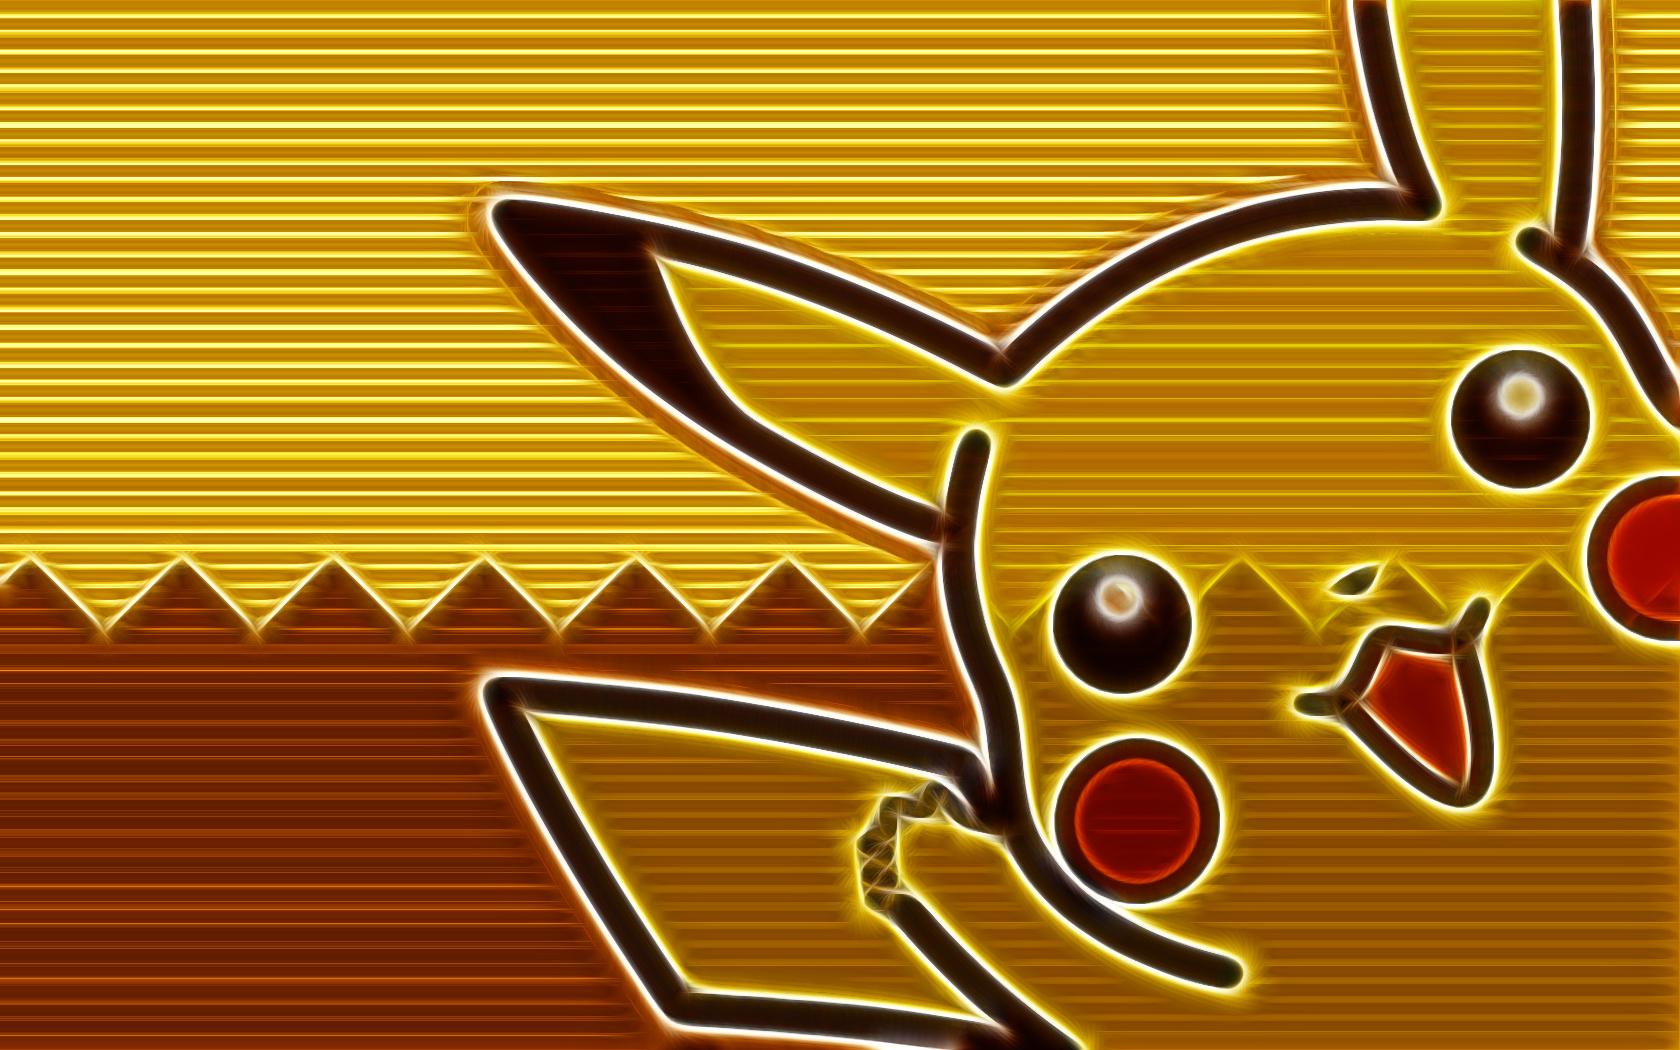 Pokemon Pikachu Wallpaper 1680x1050 Pokemon Pikachu 1680x1050